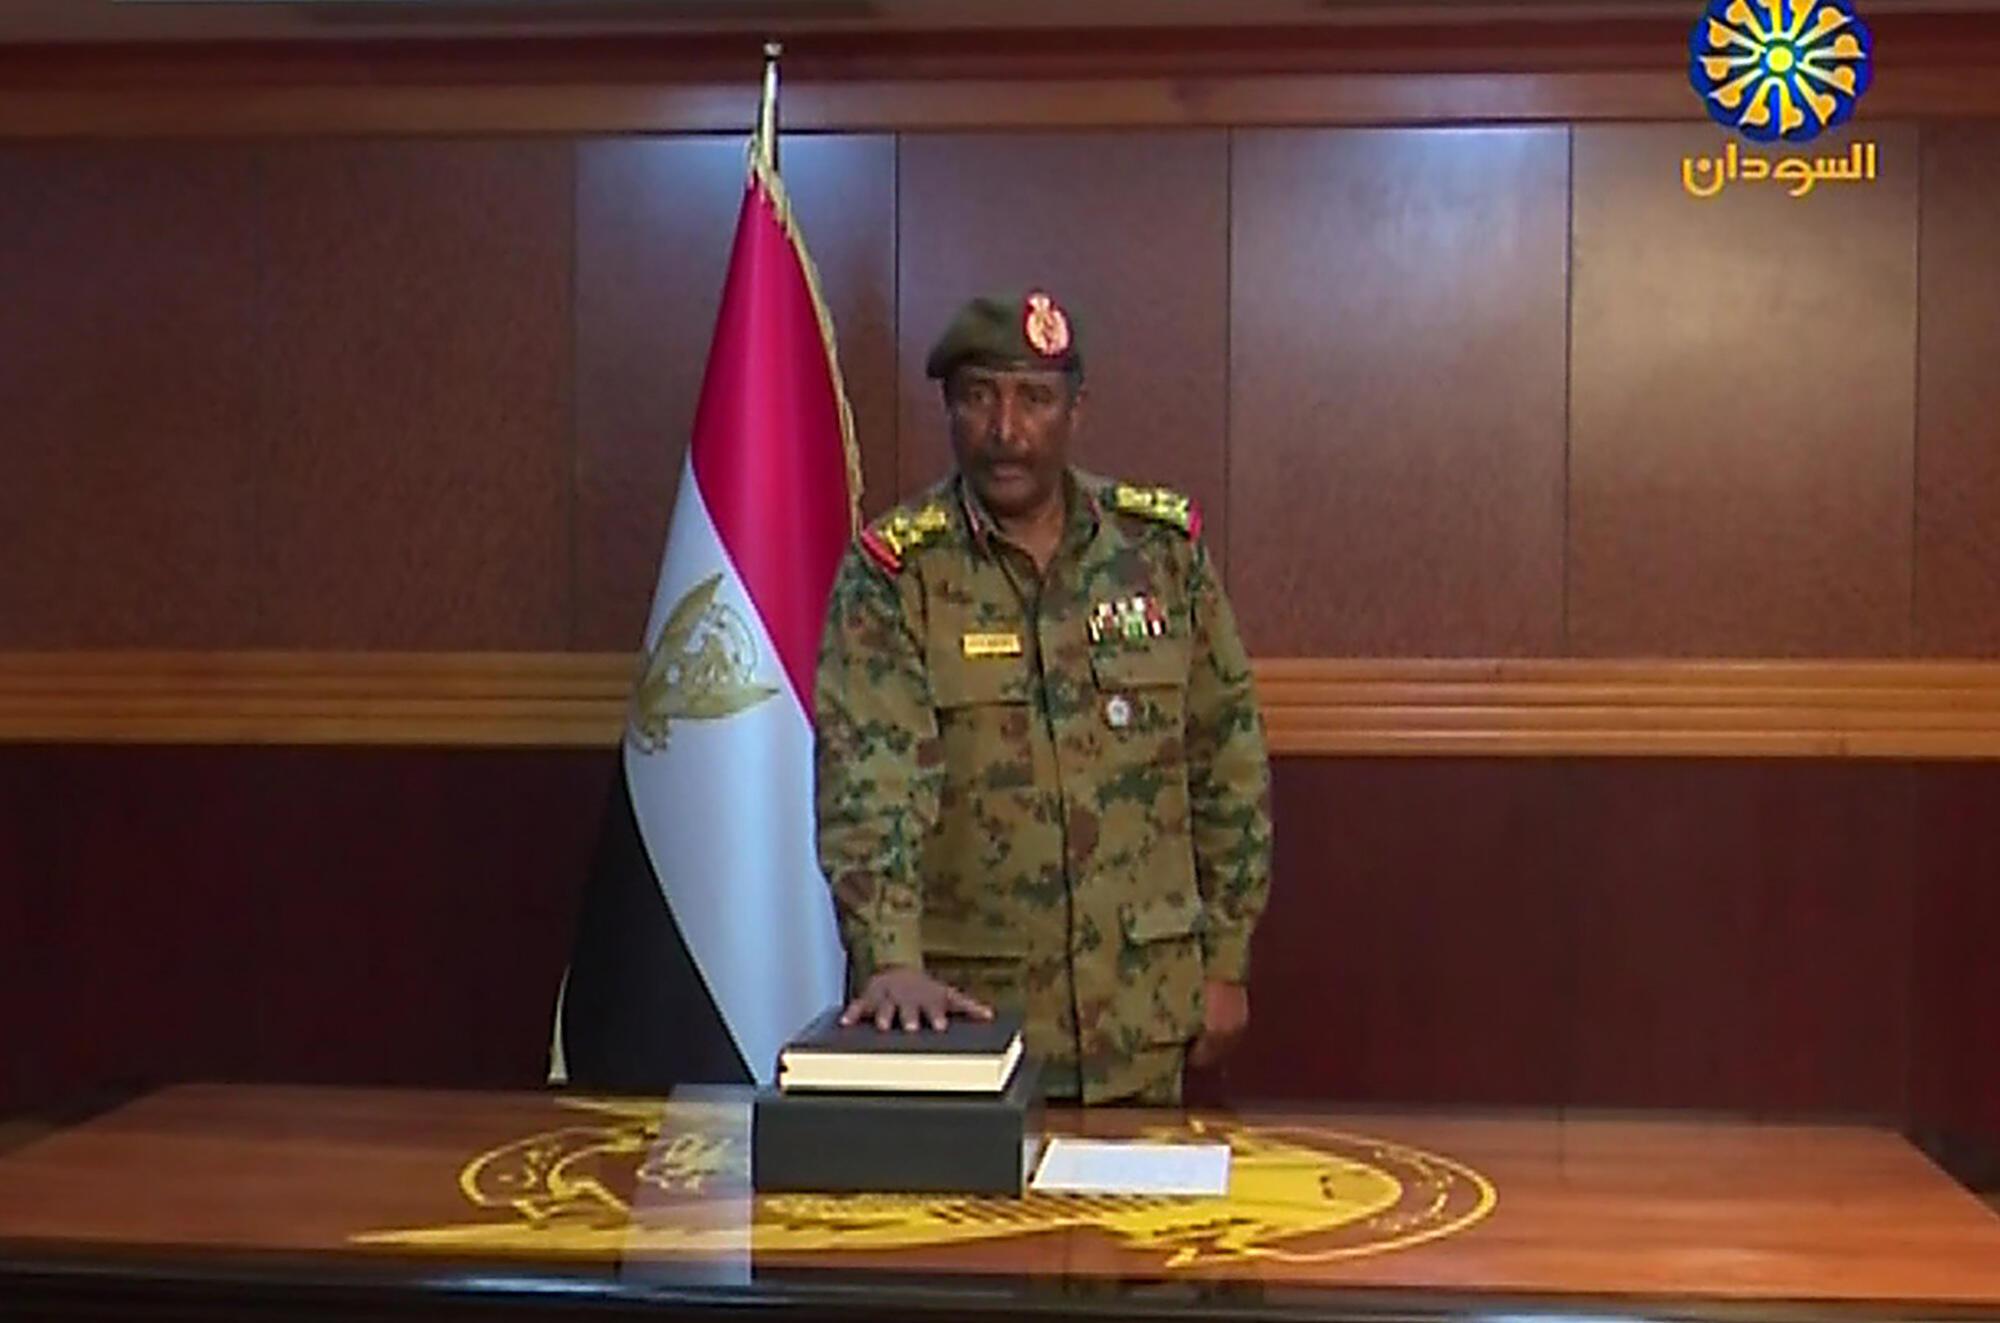 Le général Abdel Fattah Abdulrahman Burhan a prêté serment à la tête du Conseil militaire de transition, à Khartoum, le 12 avril 2019, après la démission du général Awad Ibn Ouf.